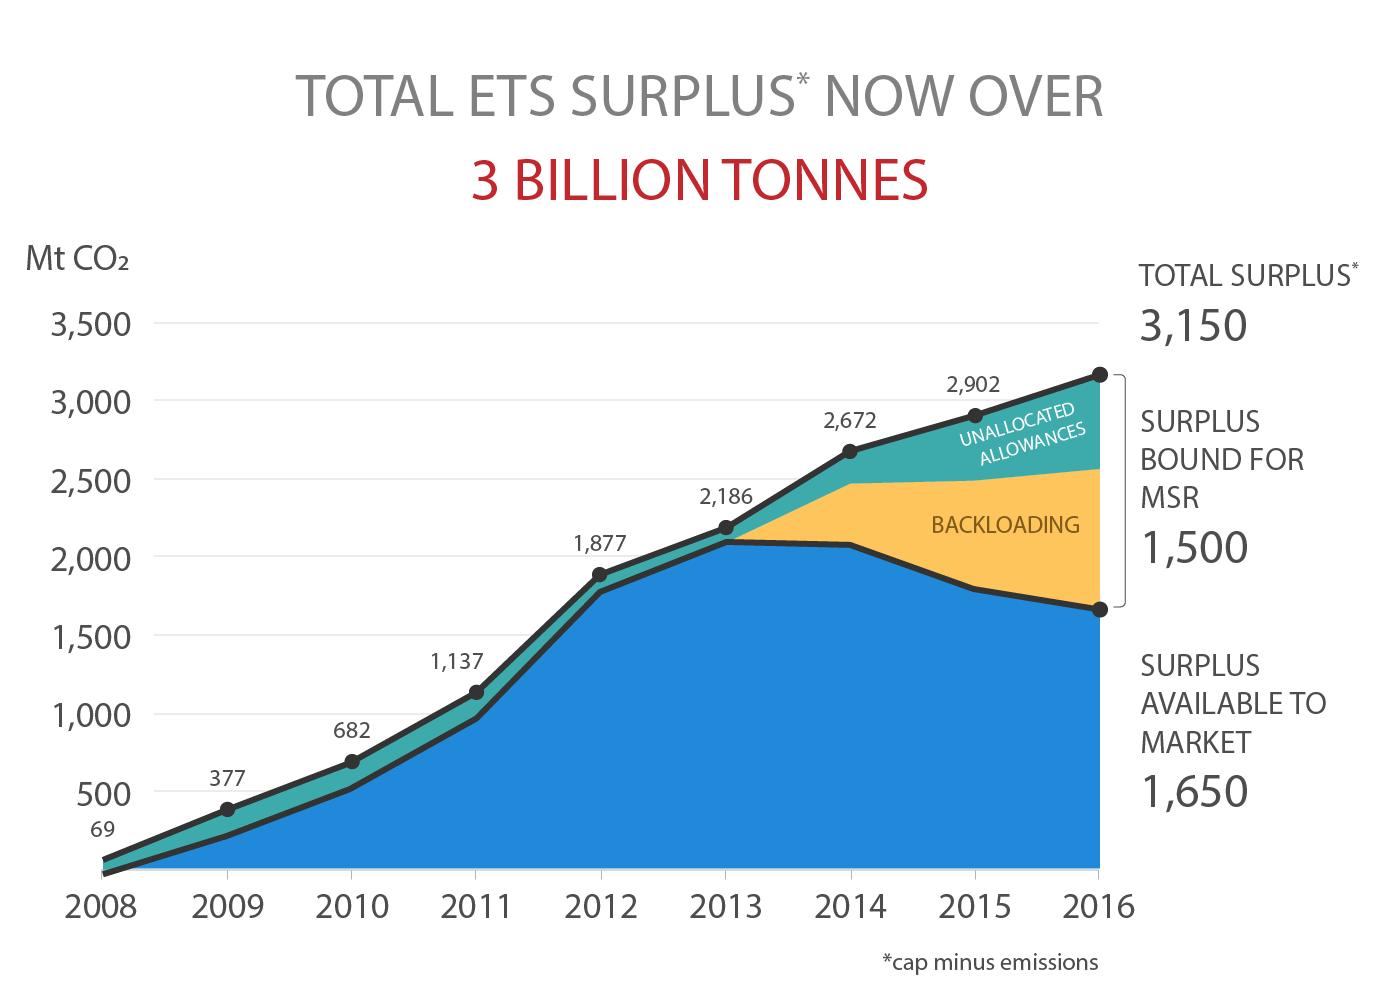 Total EU ETS surplus